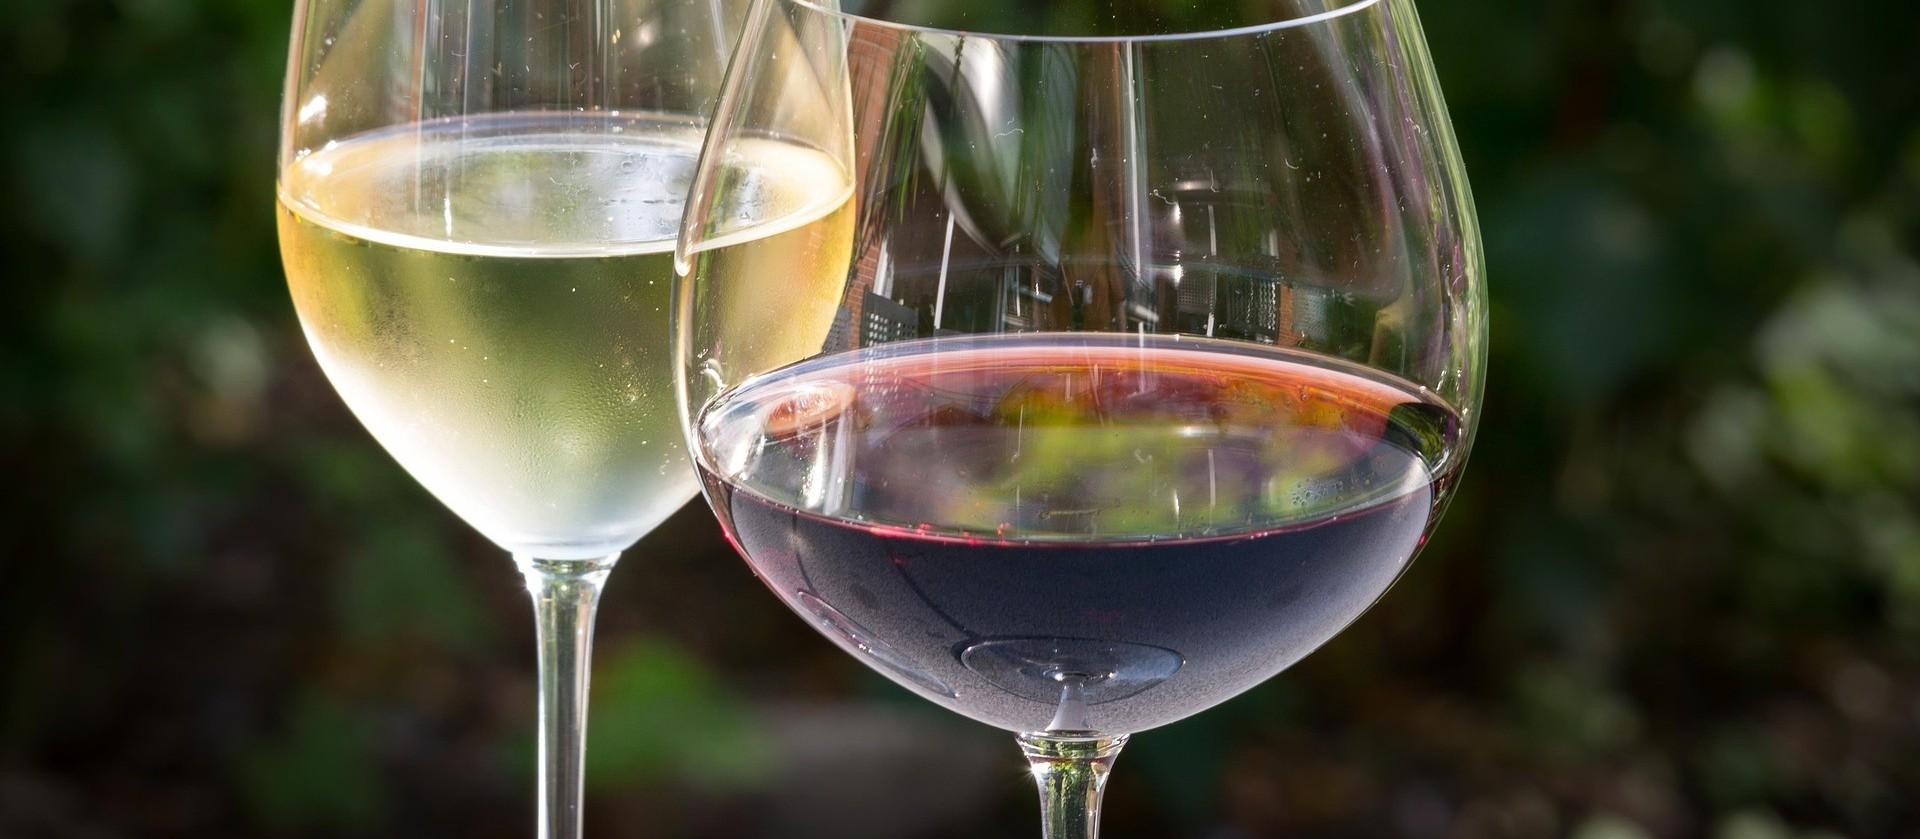 O que significa para uma marca de vinho ser premiada na GPVB?